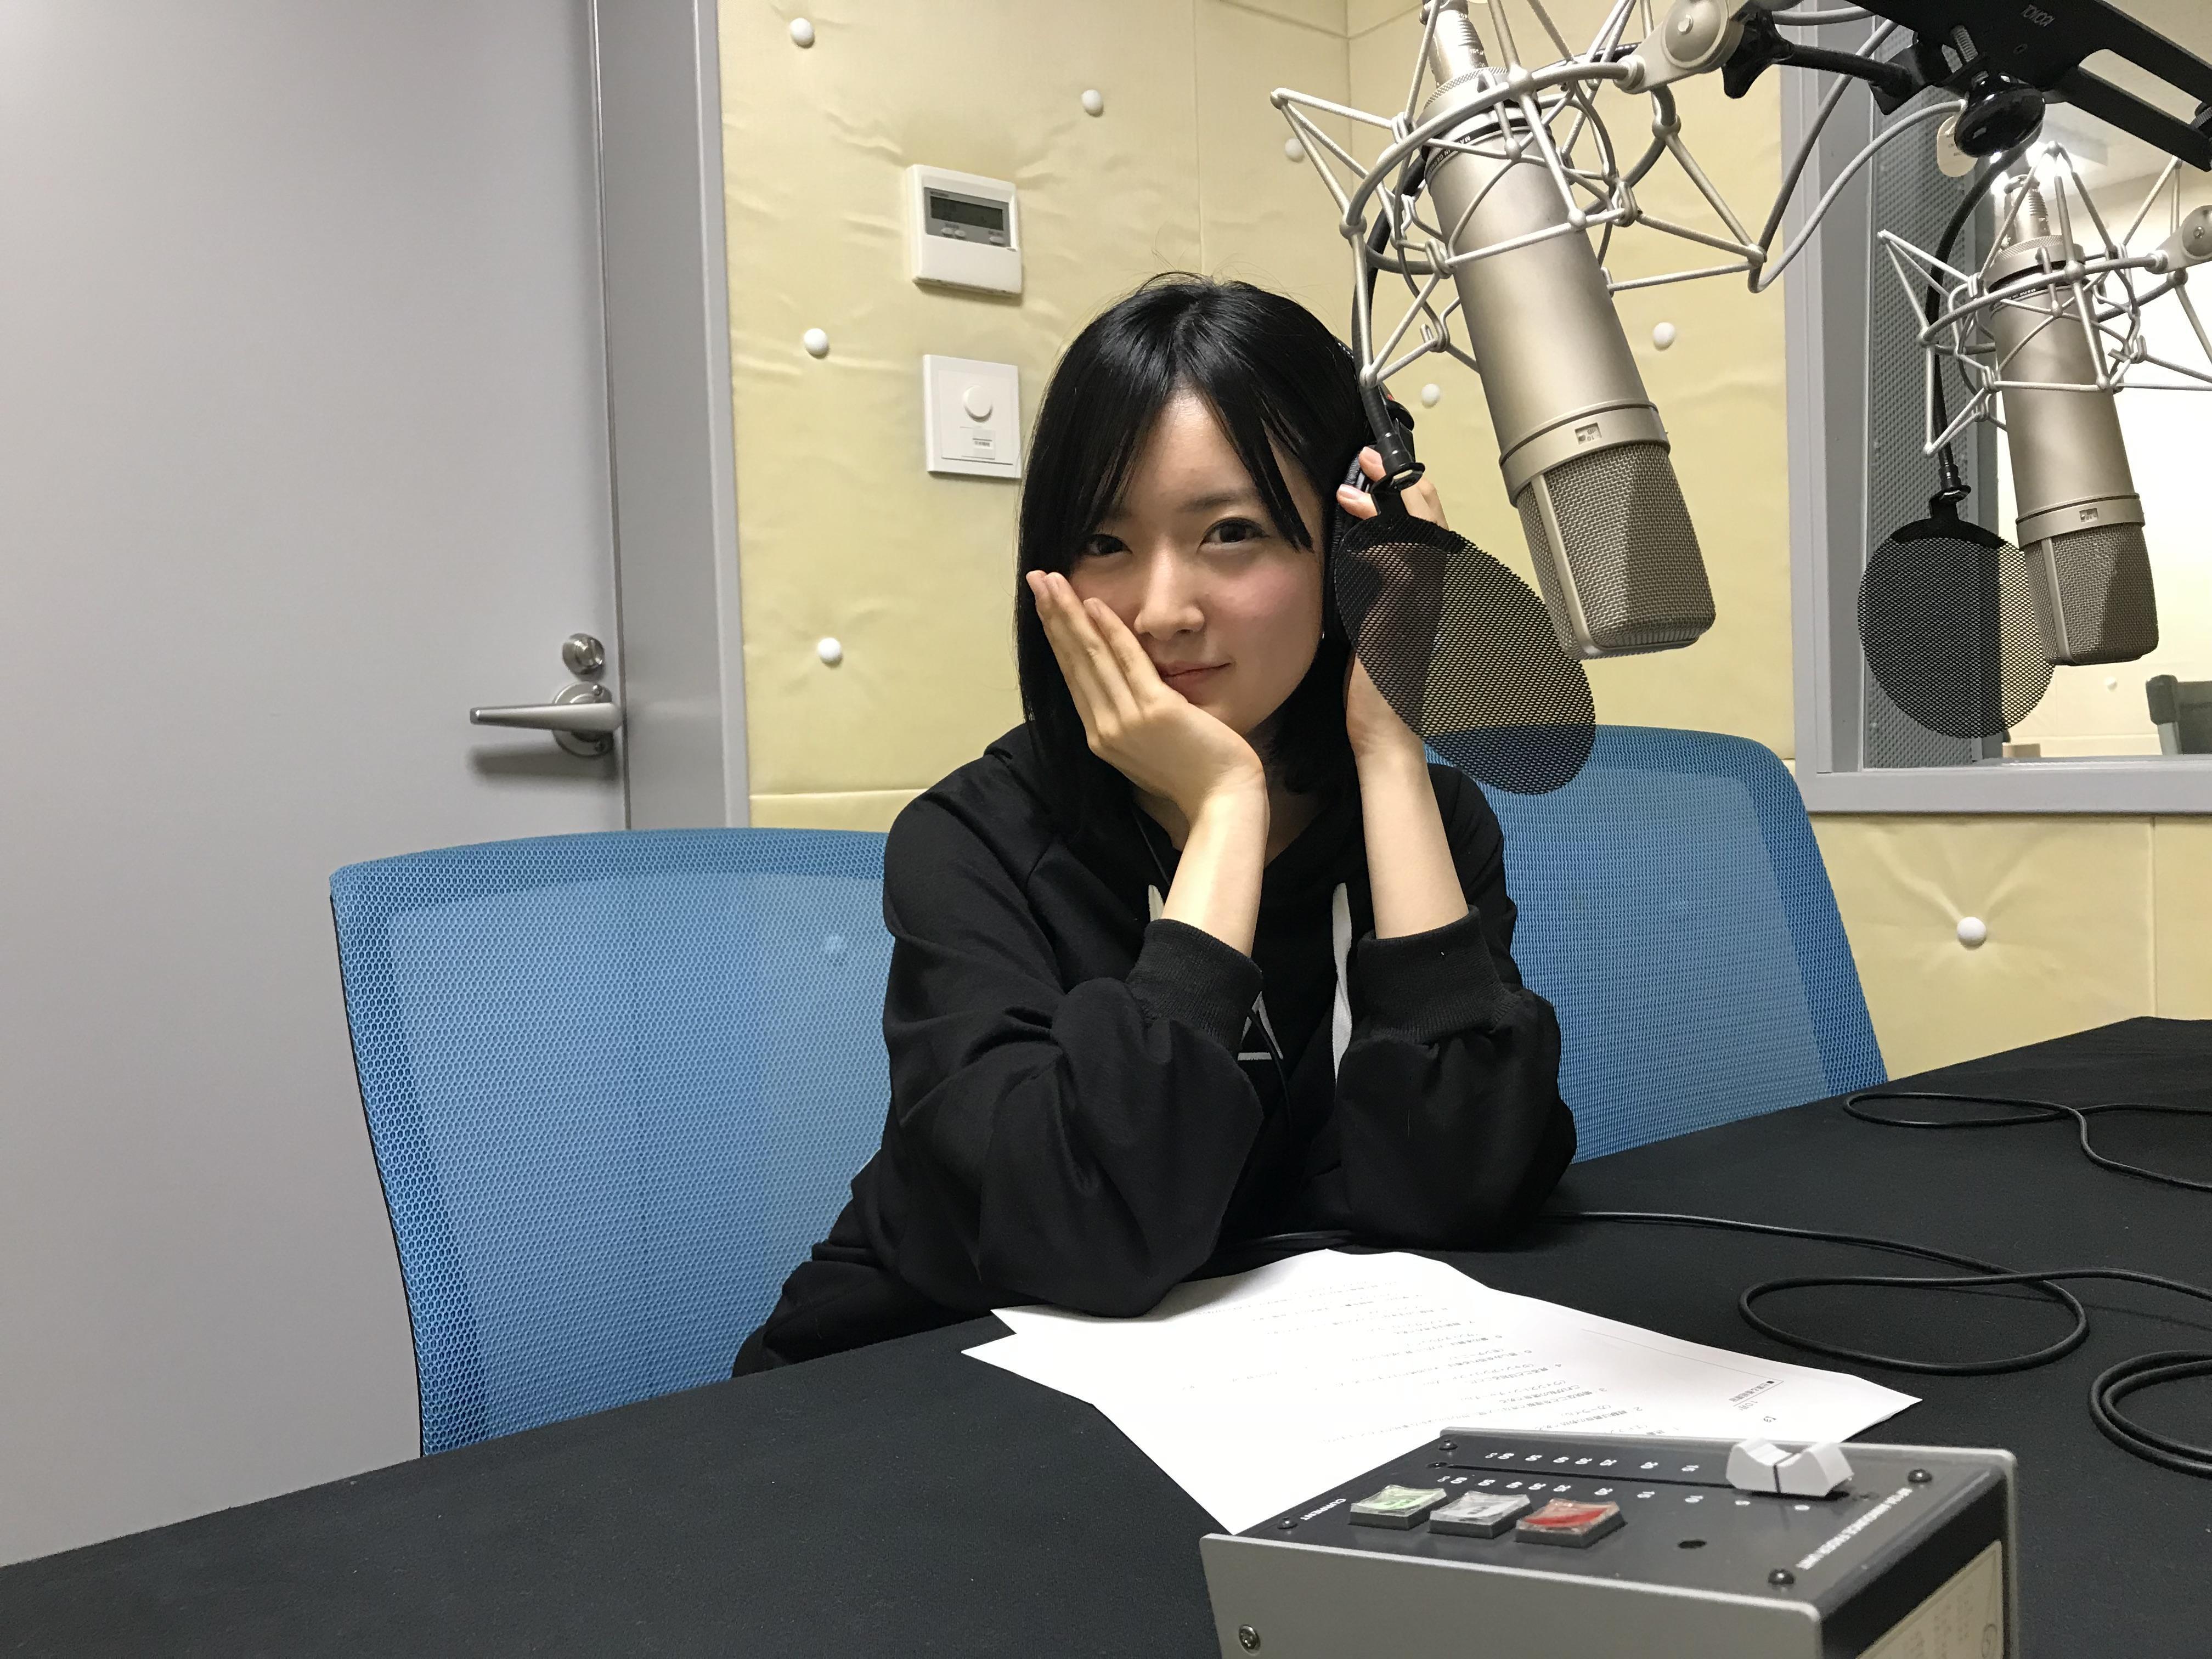 http://news.yoshimoto.co.jp/20180301120420-90a897d3d8b672a406d6bbea6e033333feded30b.jpg